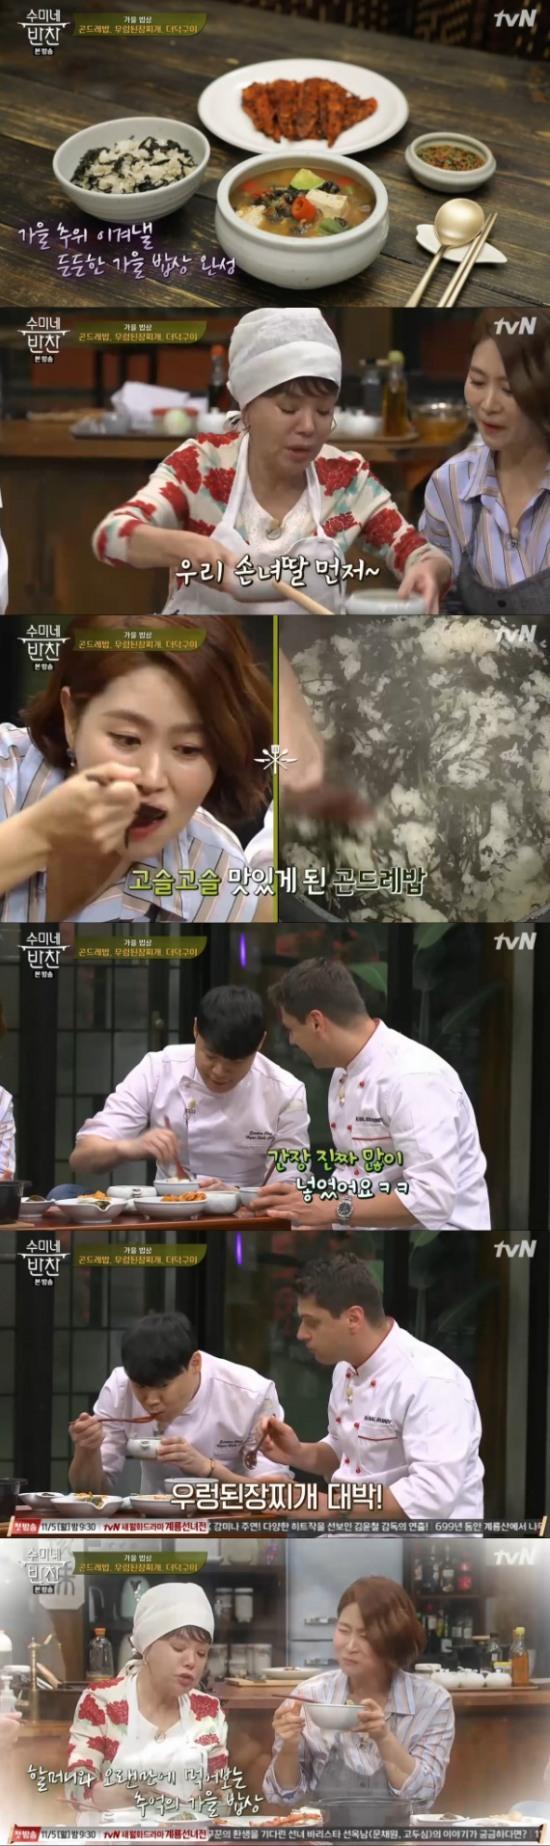 [어게인TV]'수미네 반찬', 정성 더해져 더 맛있는 '추억의 가을 밥상'